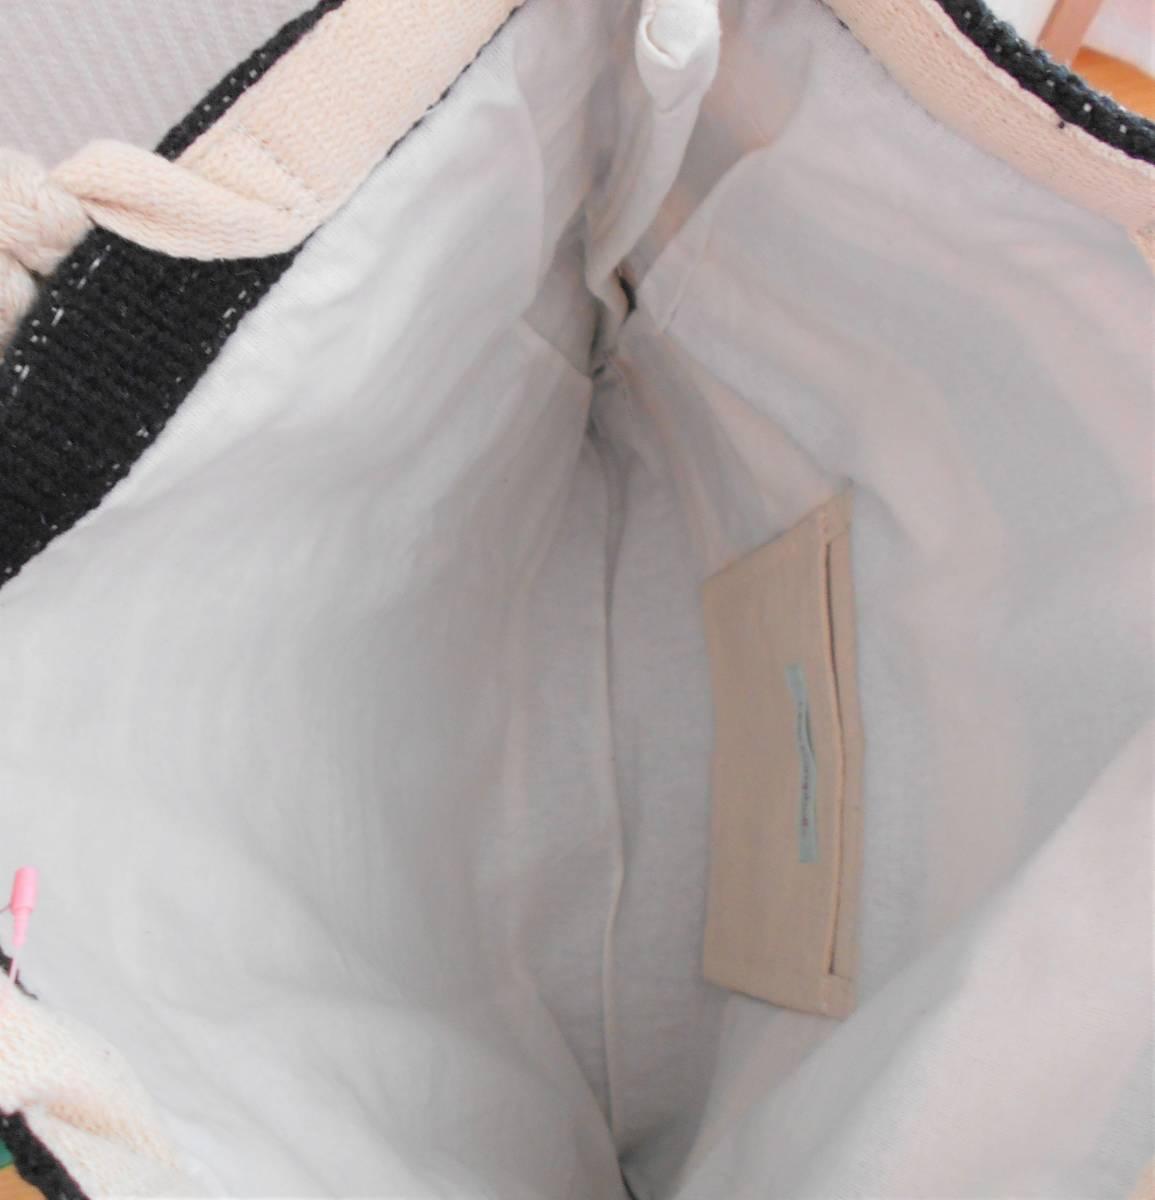 【新品】リラキャンベル バッグ 2way クラッチバッグ ブラック ハンドメイド Lilas Campbell